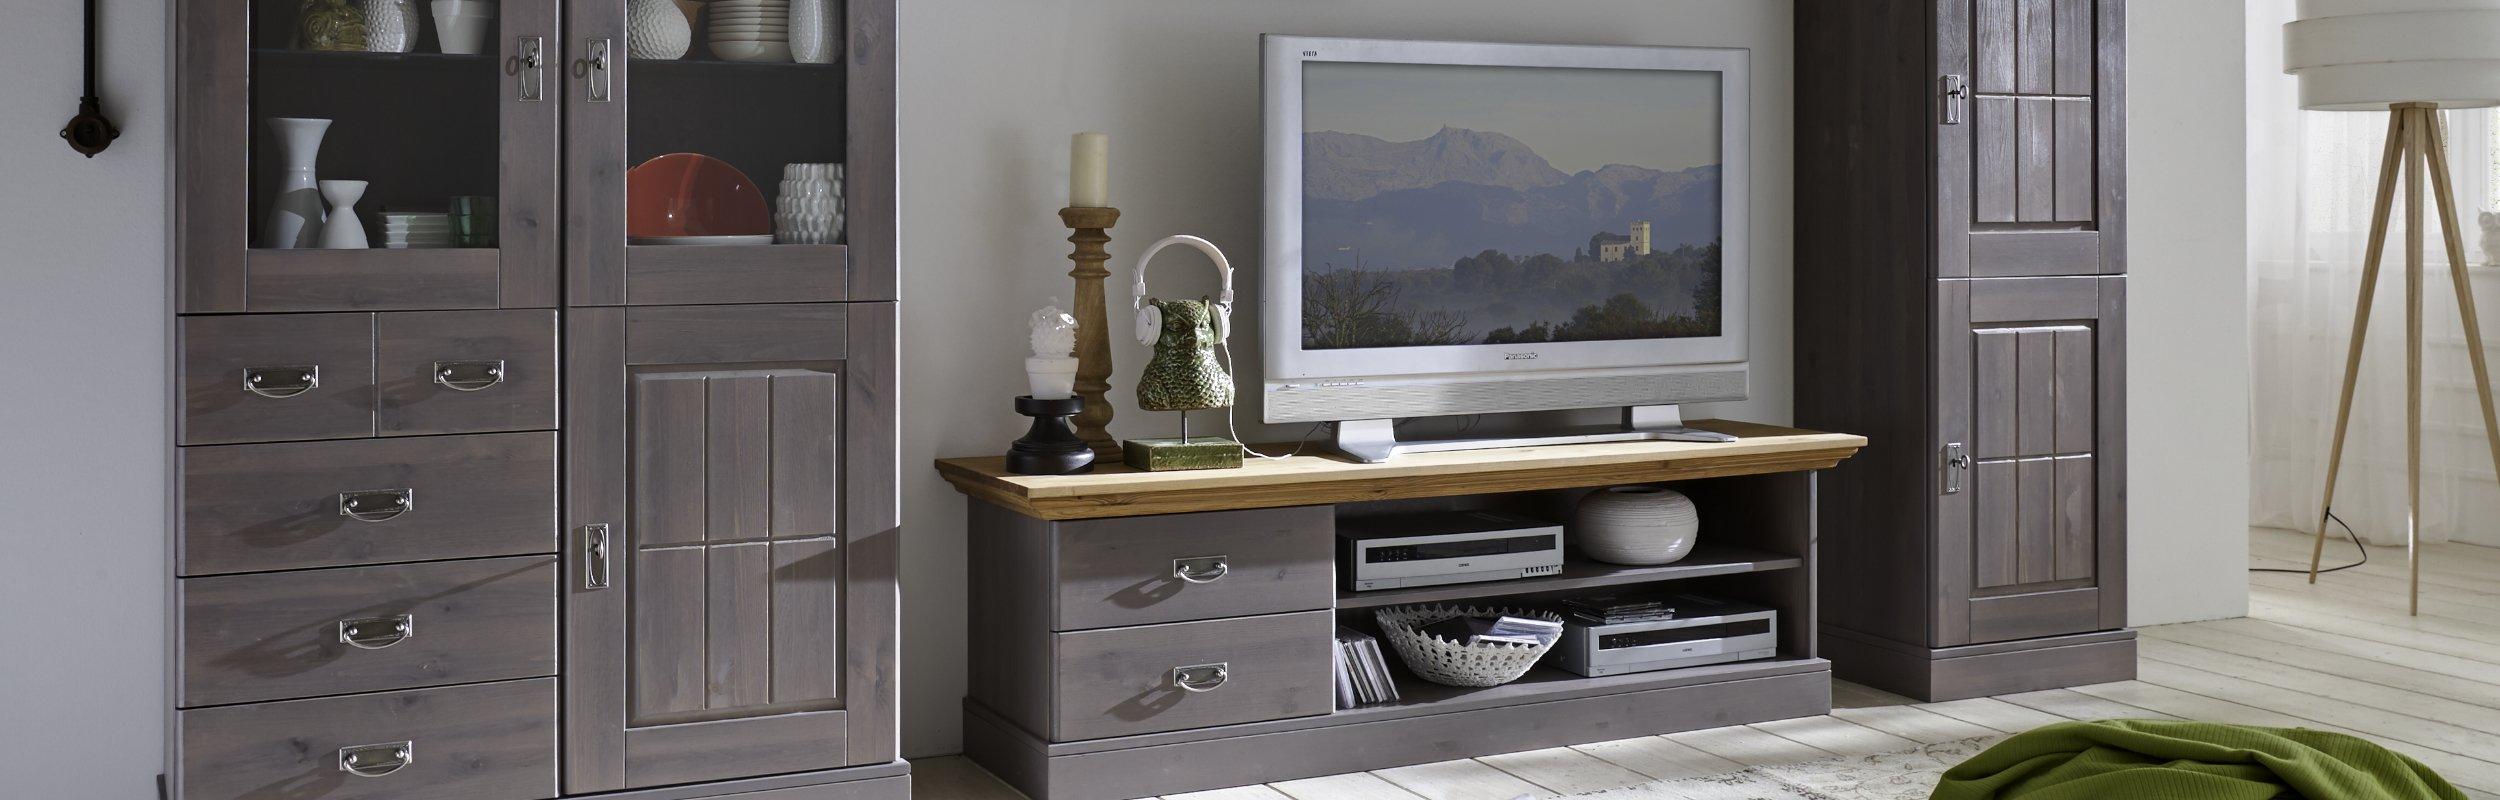 Wohnzimmer Landhausstil Serie Fjord, Bild 3